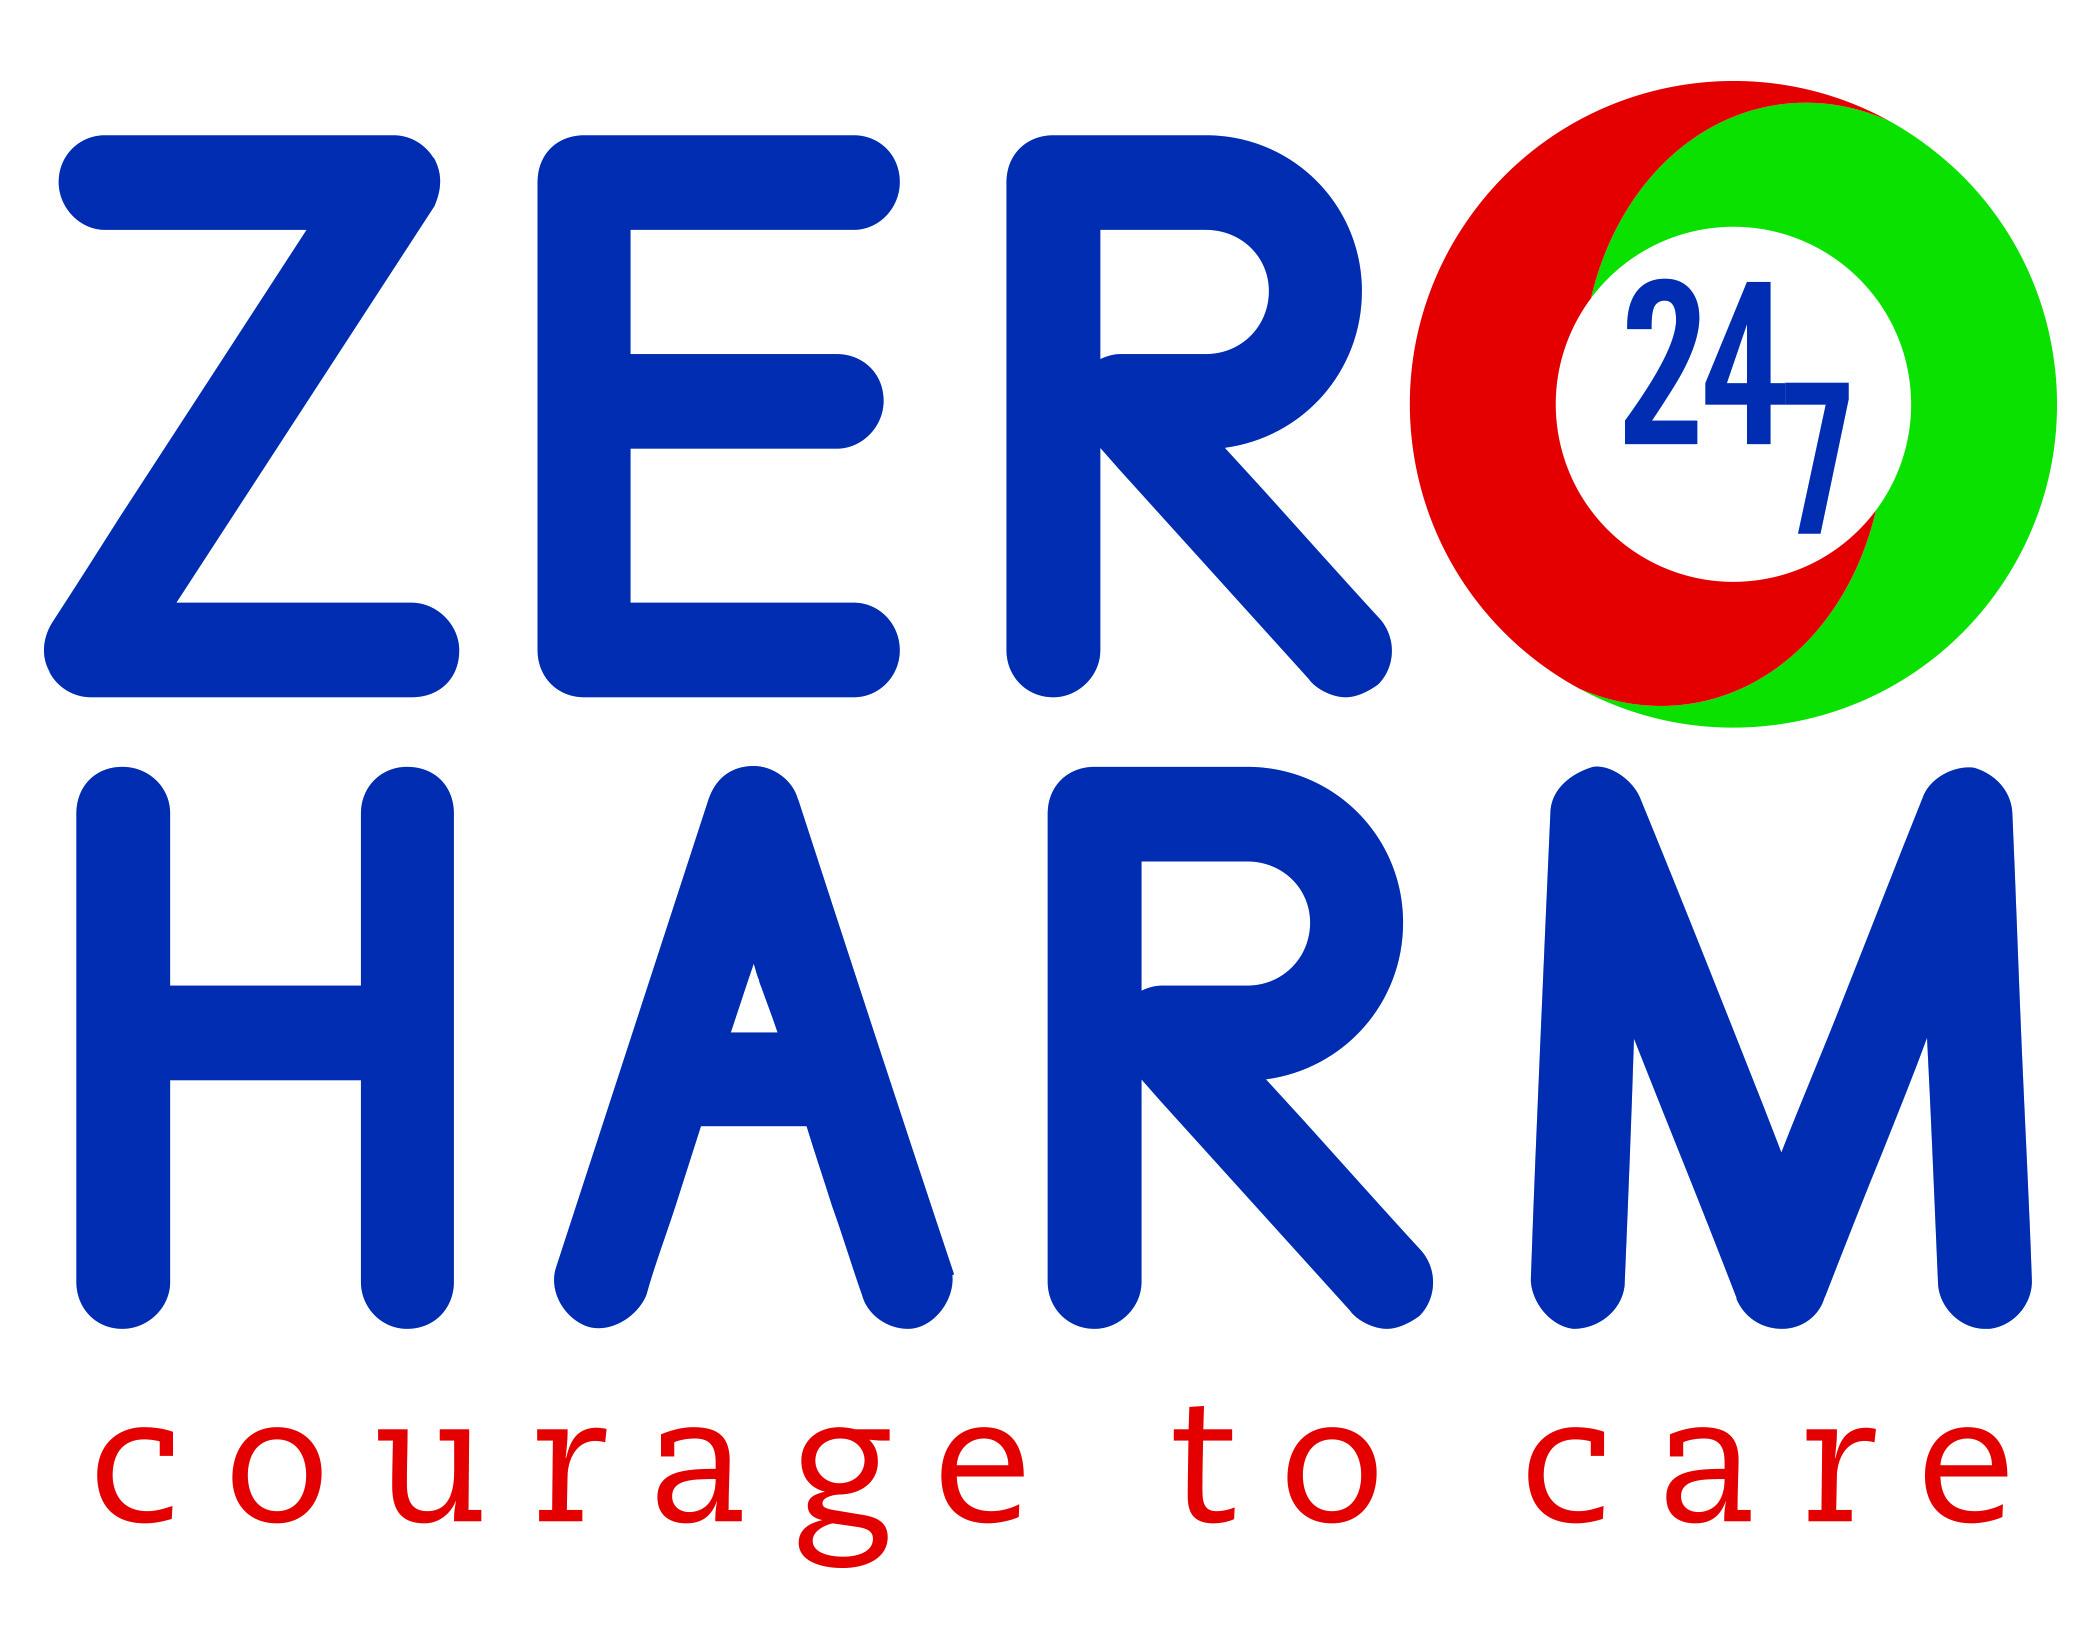 Zero harm clipart.